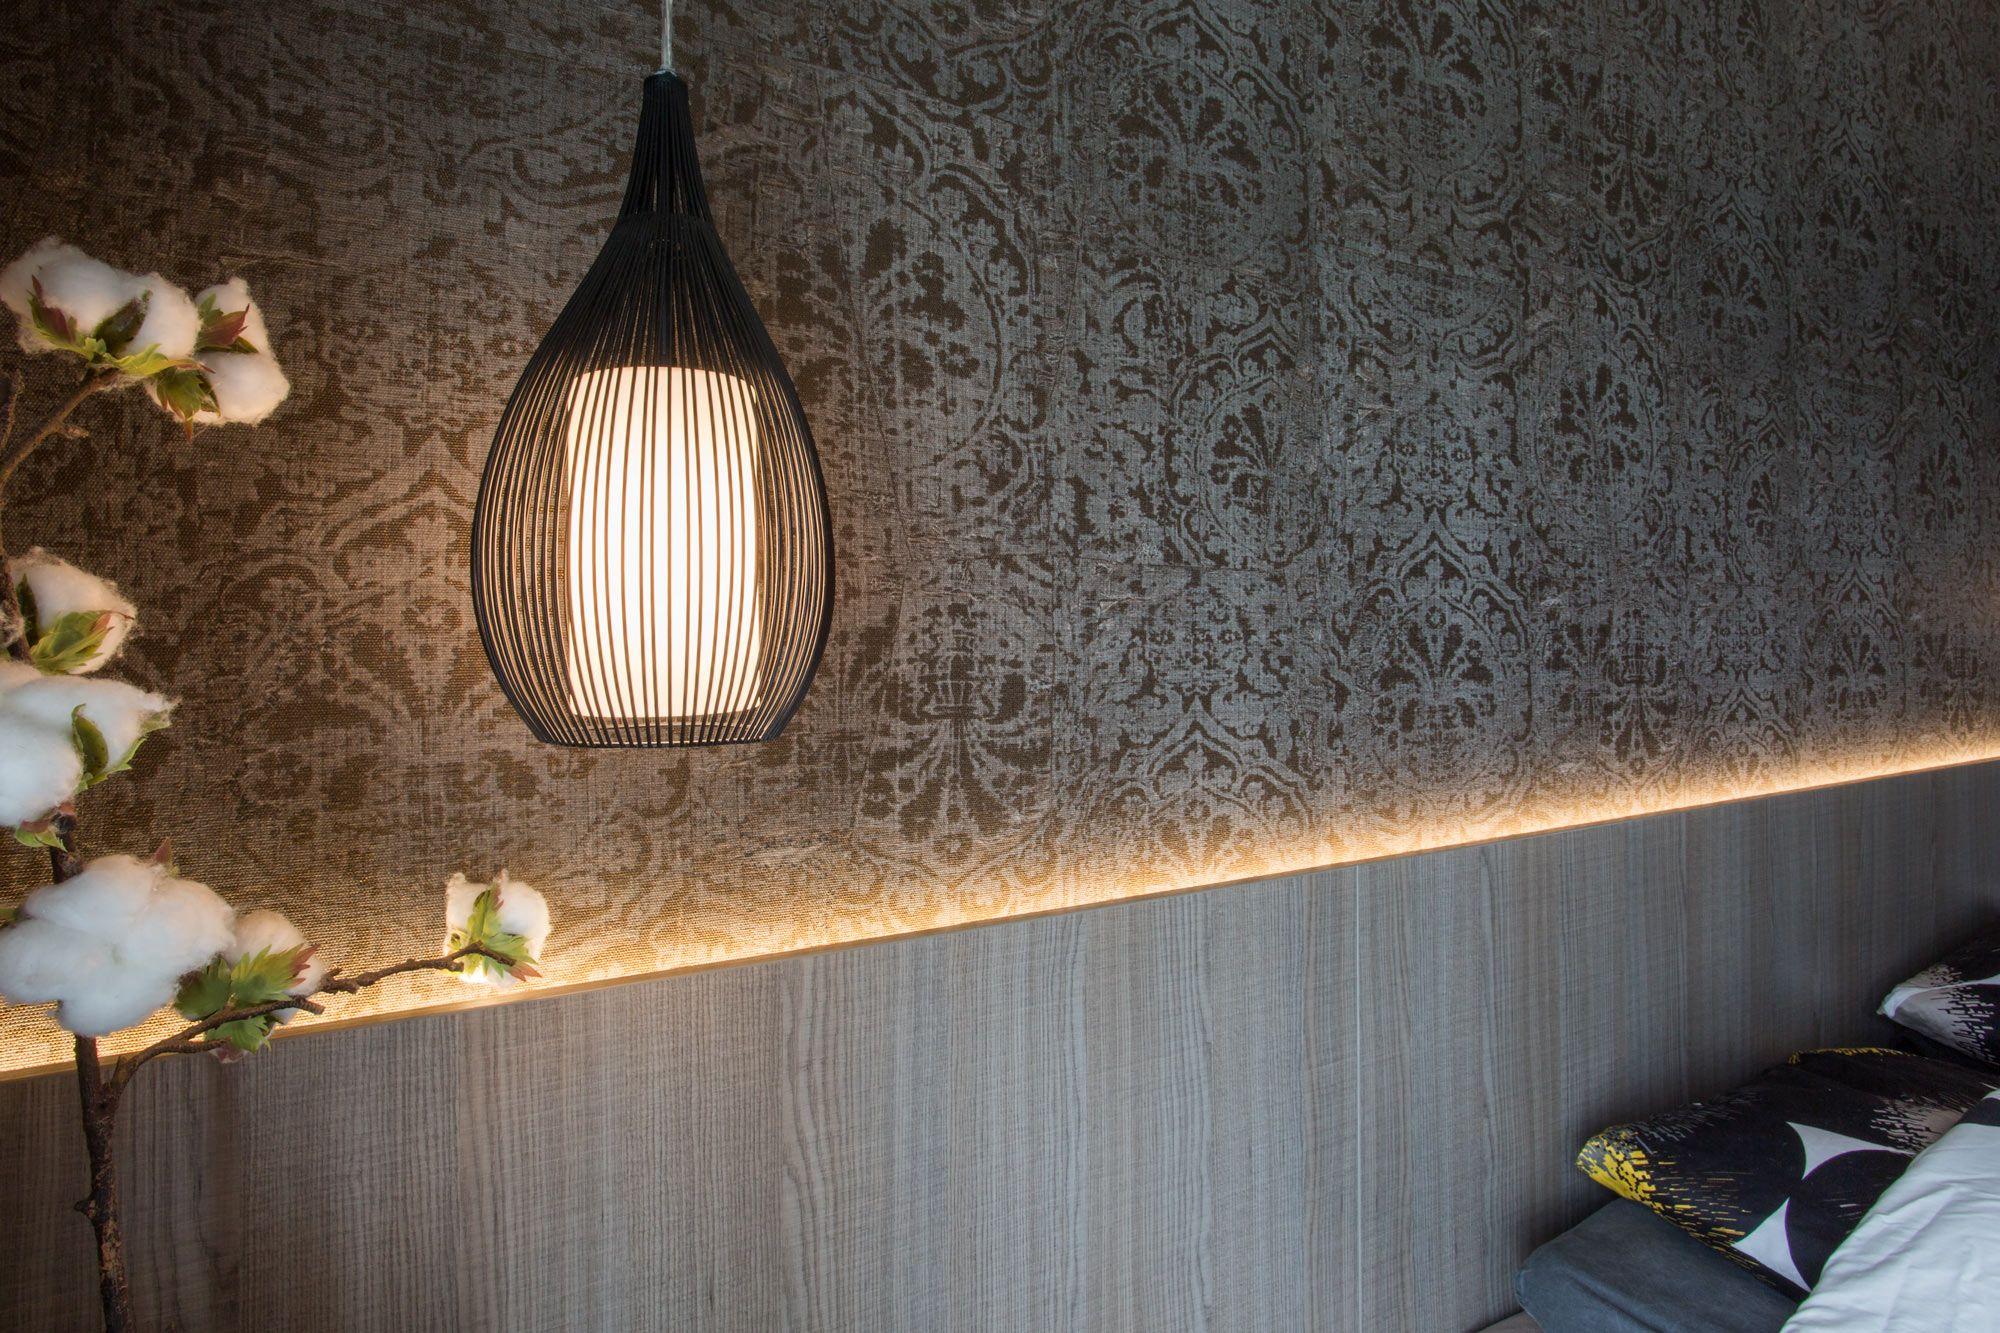 Slaapkamer Lamp Design : Deze lamp is een subtiel maar chique accent in de inrichting